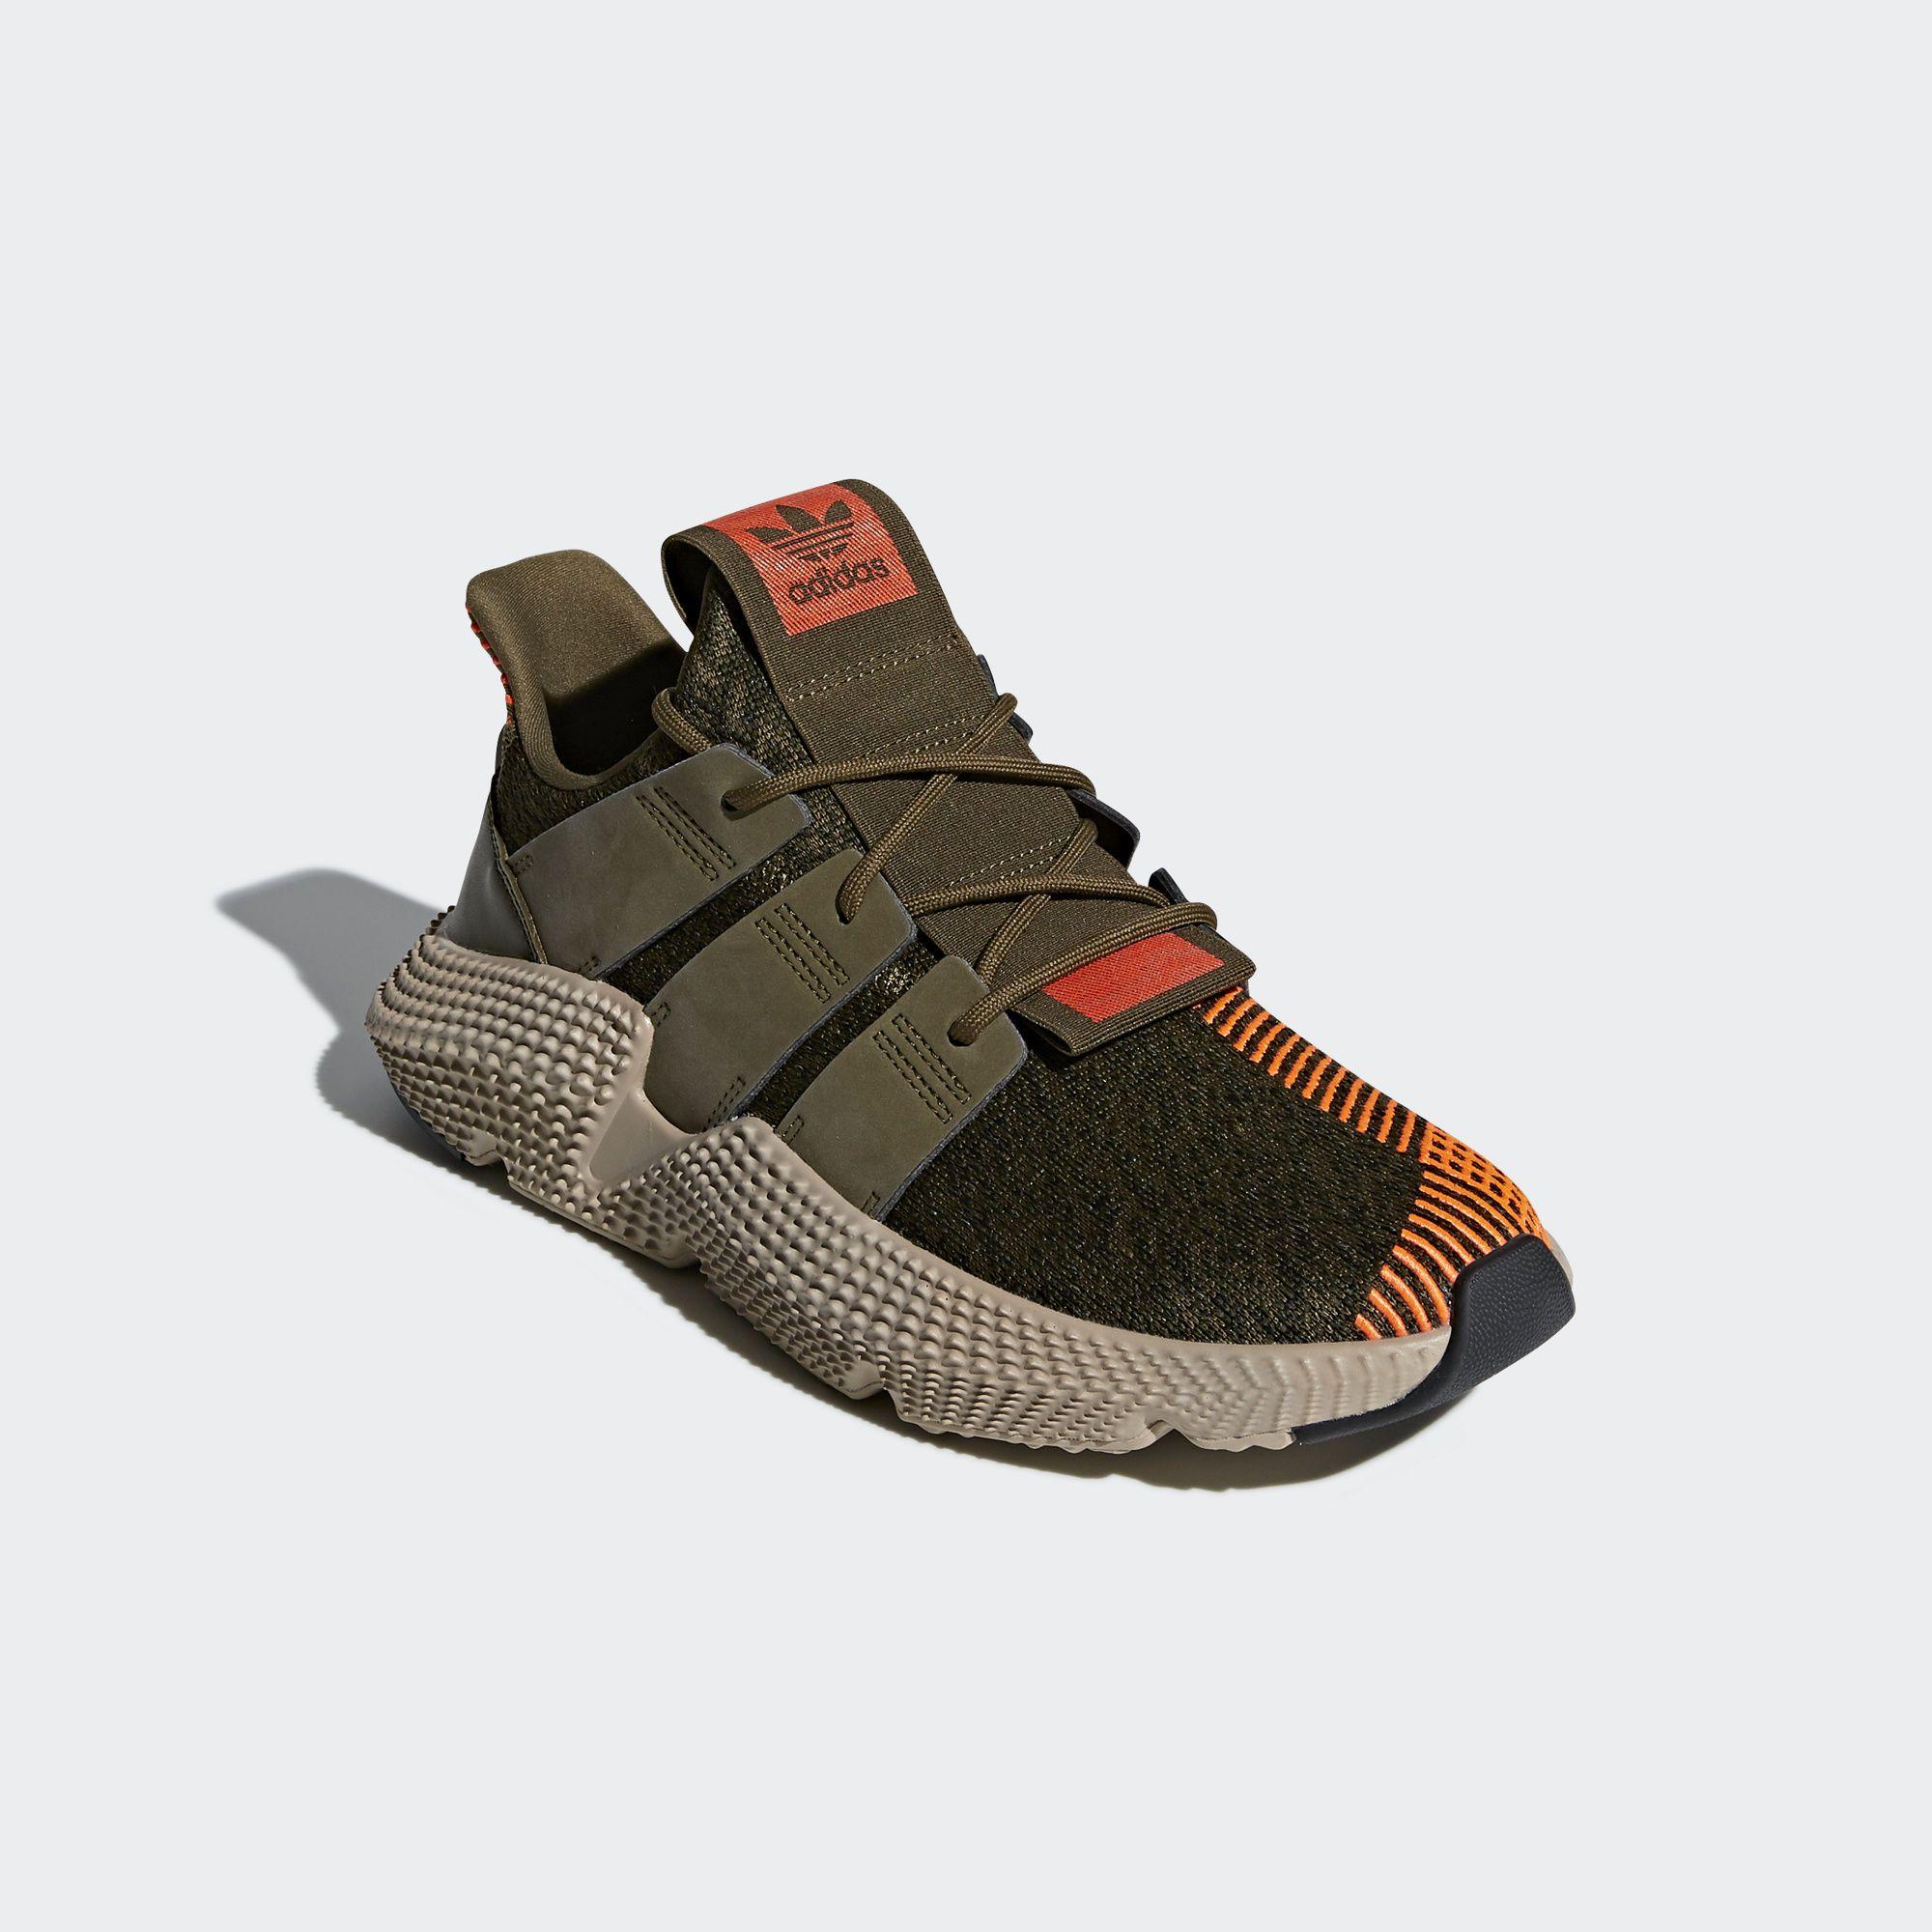 92d560e96393 adidas Prophere Shoes Men s